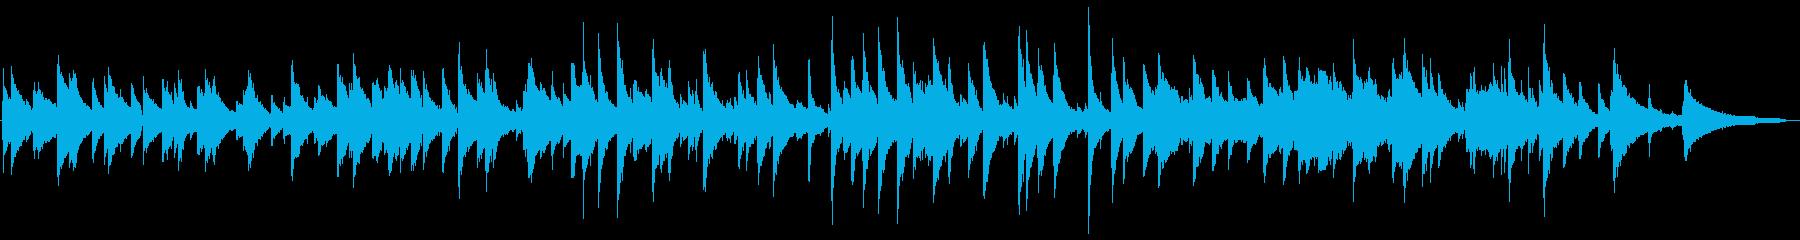 ピアノトリオのジャズワルツの再生済みの波形